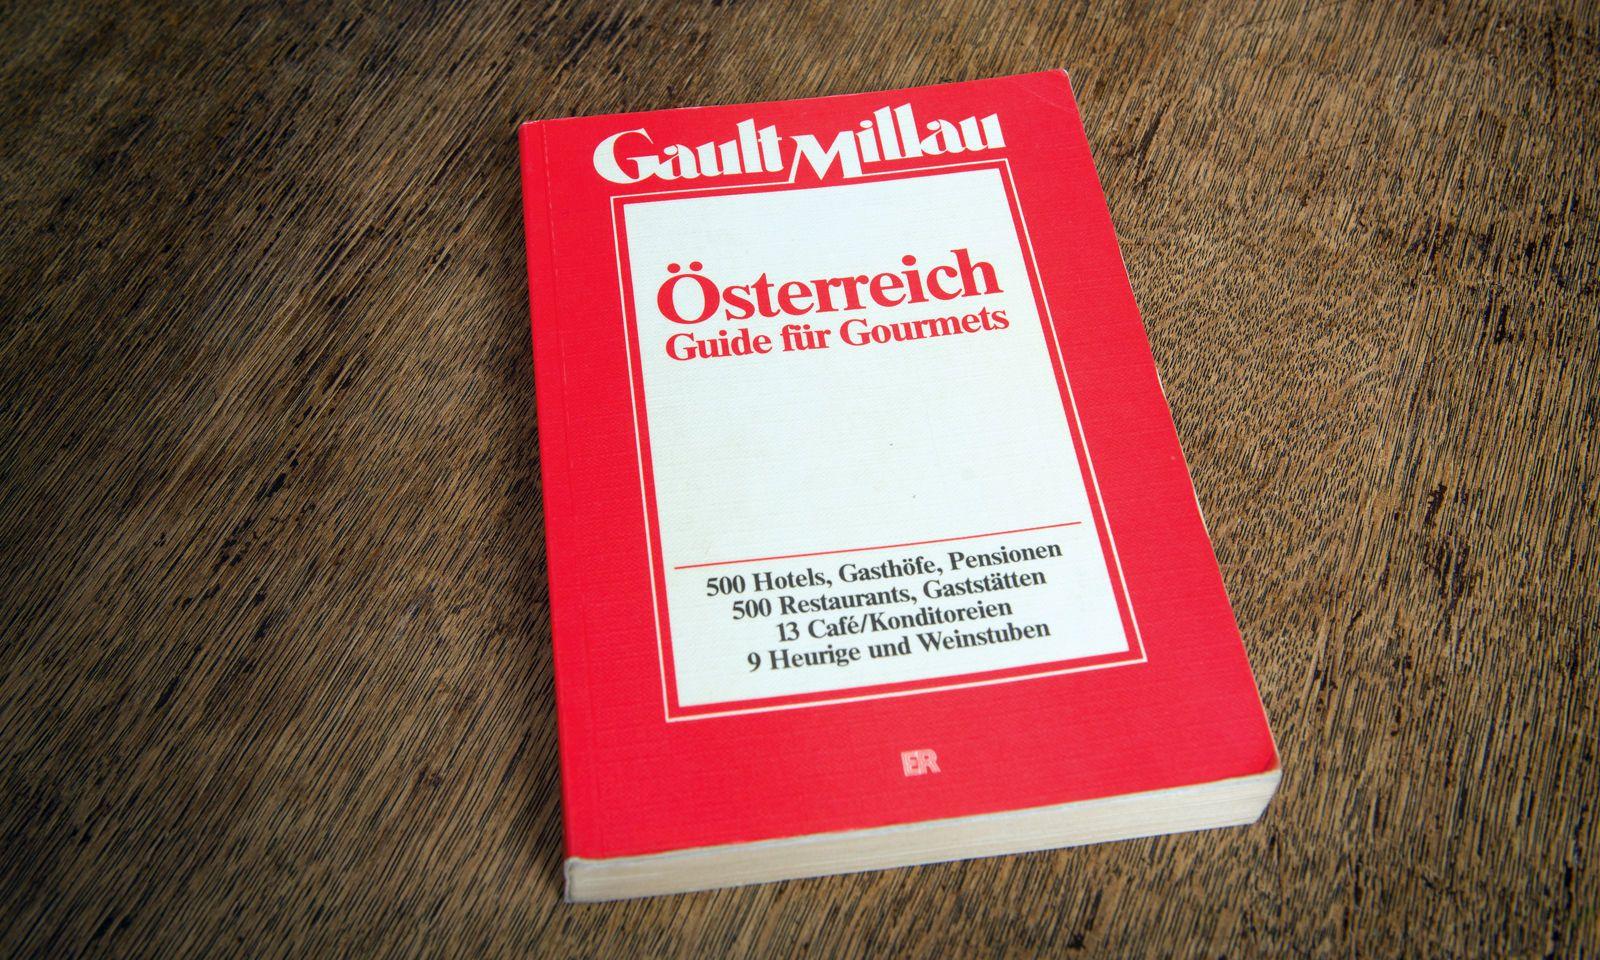 Anfang. In der ersten Ausgabe, 1979 erschienen, bekamen nur 16 Lokale eine oder zwei Hauben.